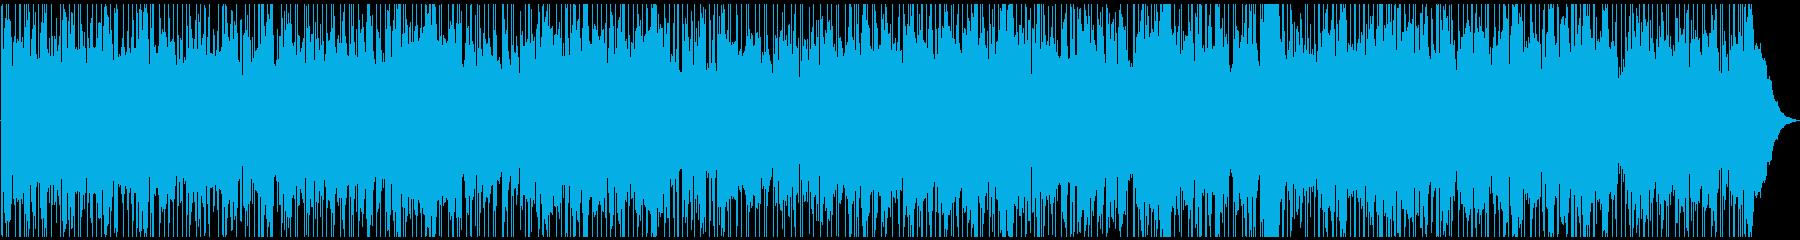 ほのぼのとした日常風景にぴったりのBGMの再生済みの波形